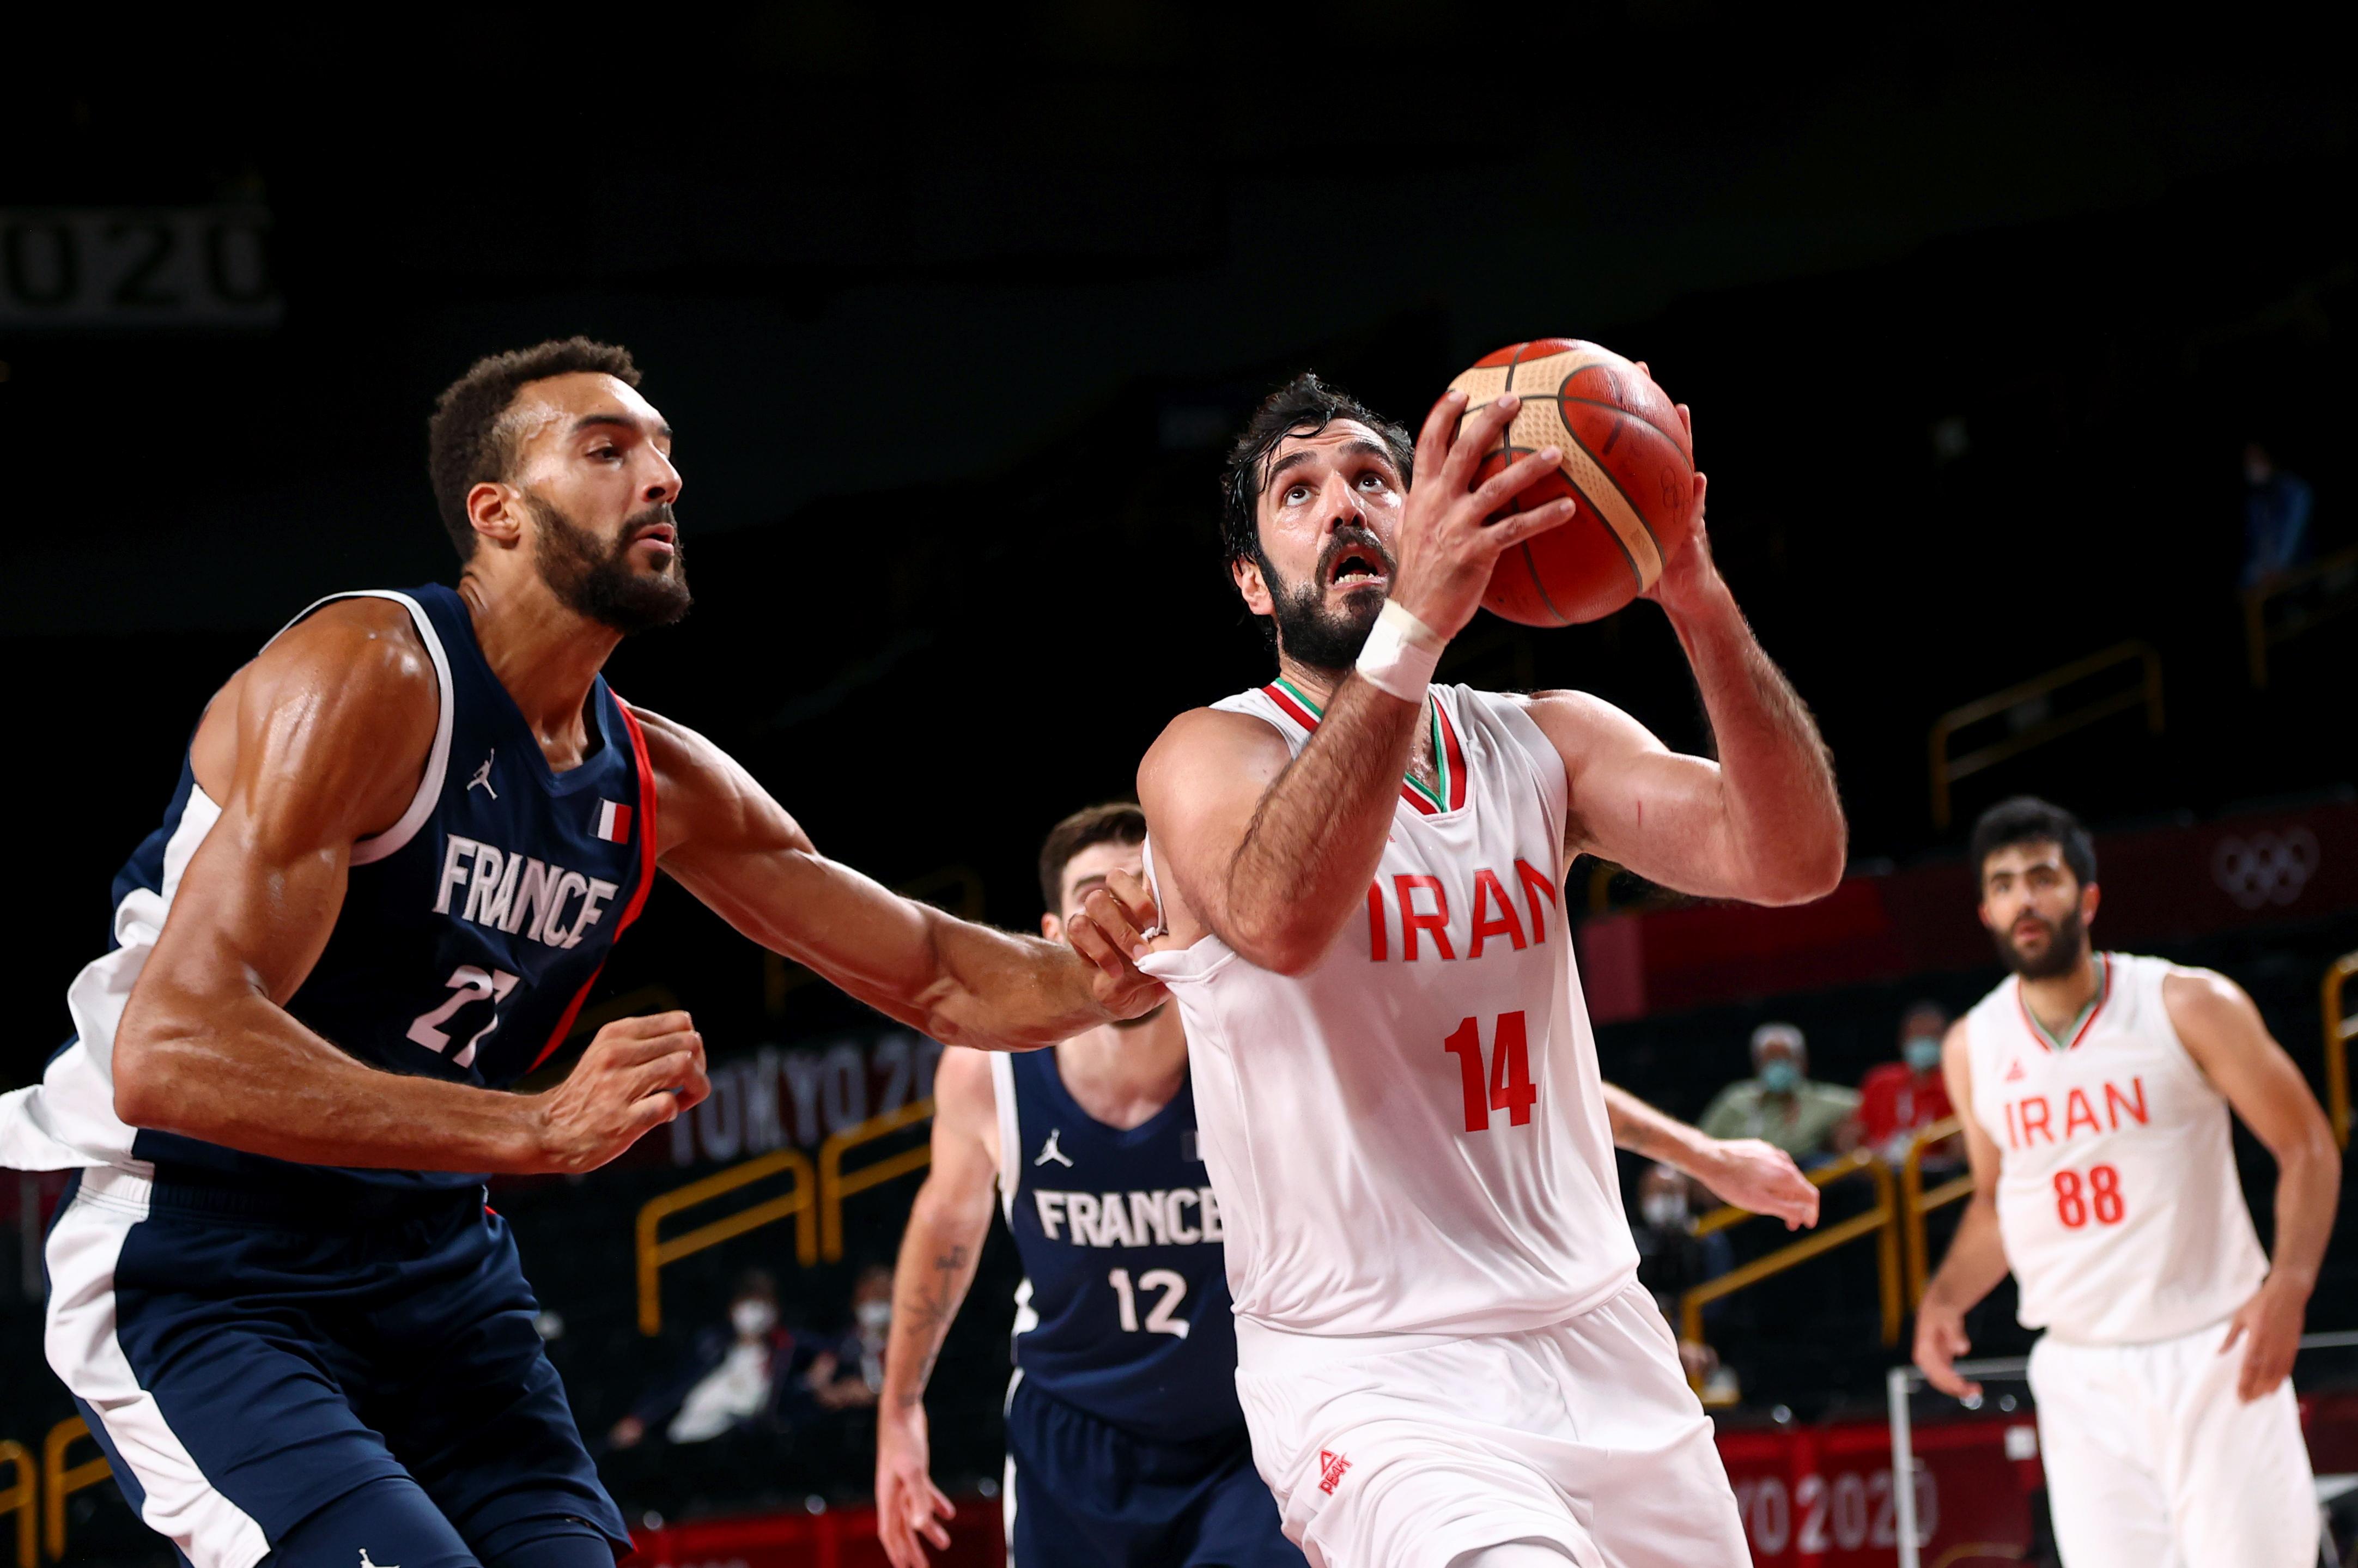 Tokyo 2020 Olympics - Basketball - Men - Group A - Iran v France - Saitama Super Arena, Saitama, Japan - July 31, 2021. Samad Nikkhah Bahrami of Iran in action with Rudy Gobert of France REUTERS/Brian Snyder